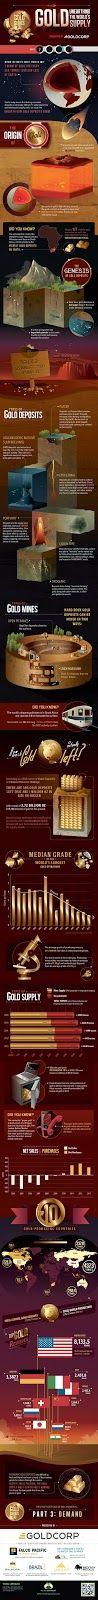 Nuestra Pasión por el Oro: The Gold Series 2ª: Supply (Suministro)